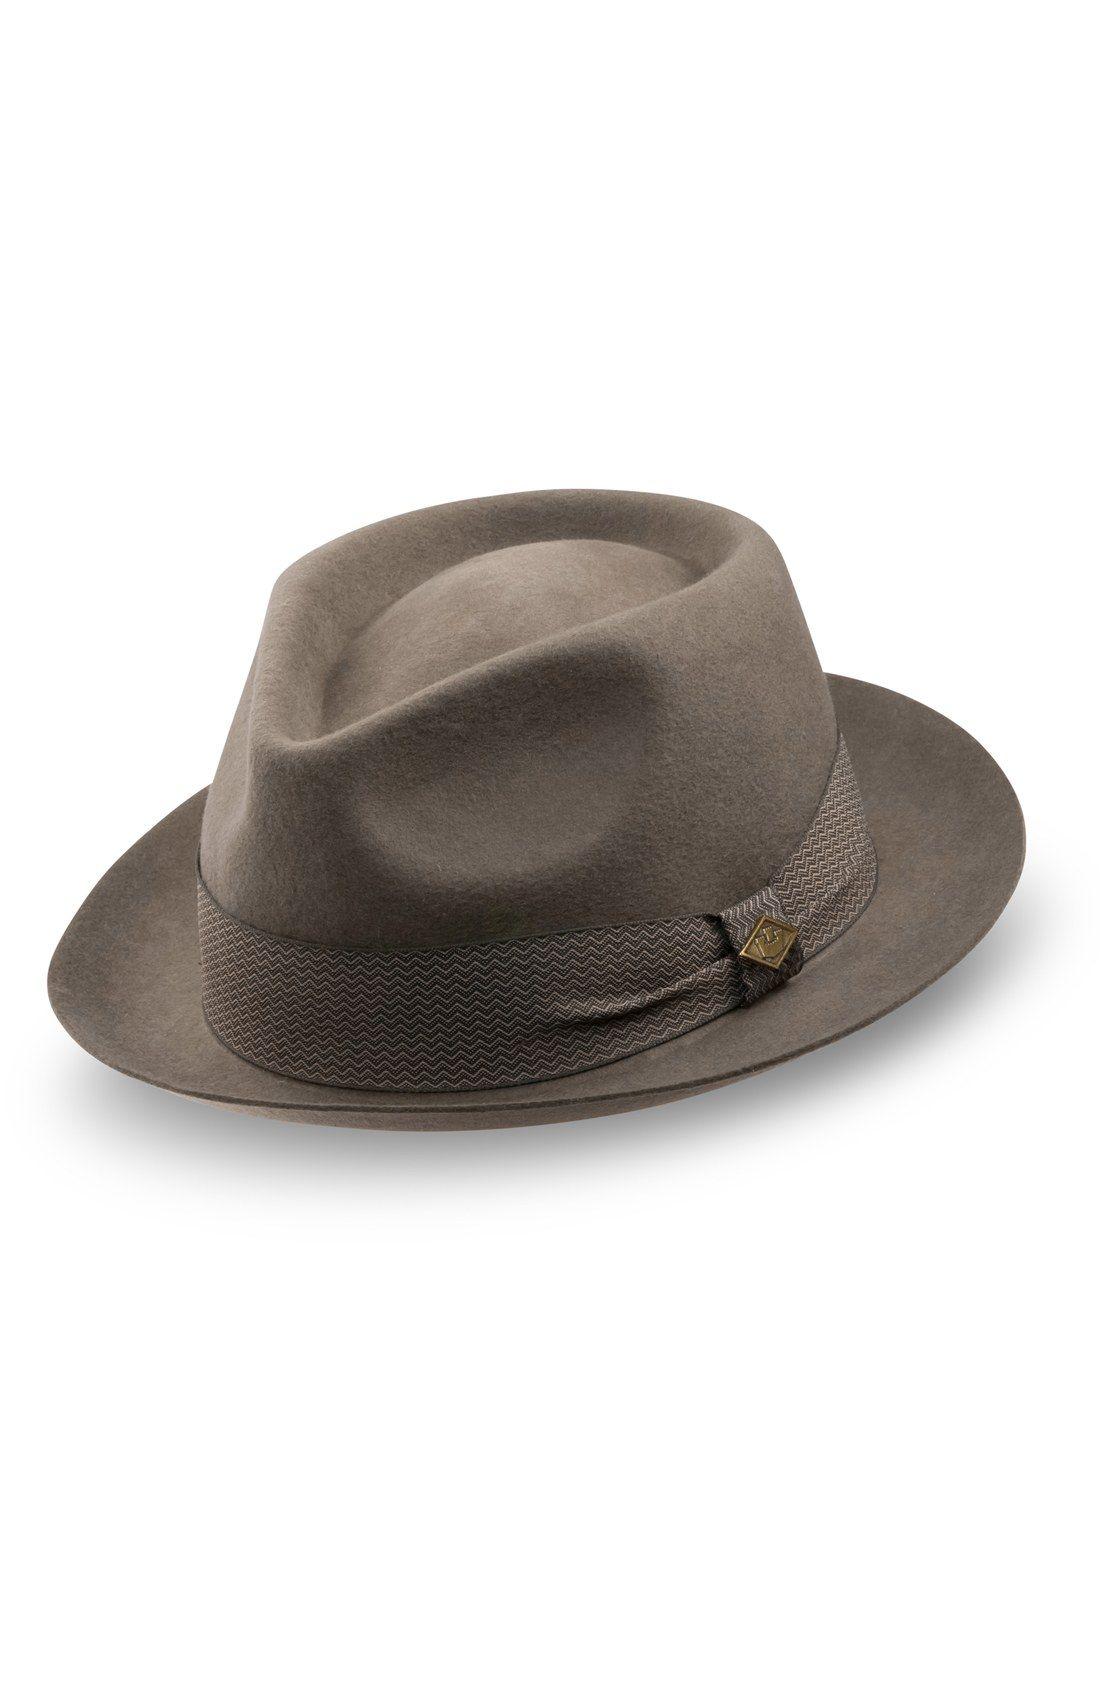 Sombreros Para Hombre · goorin brothers fedora women - Google Search Sombreros  De Ala Ancha bf6ba2cd042